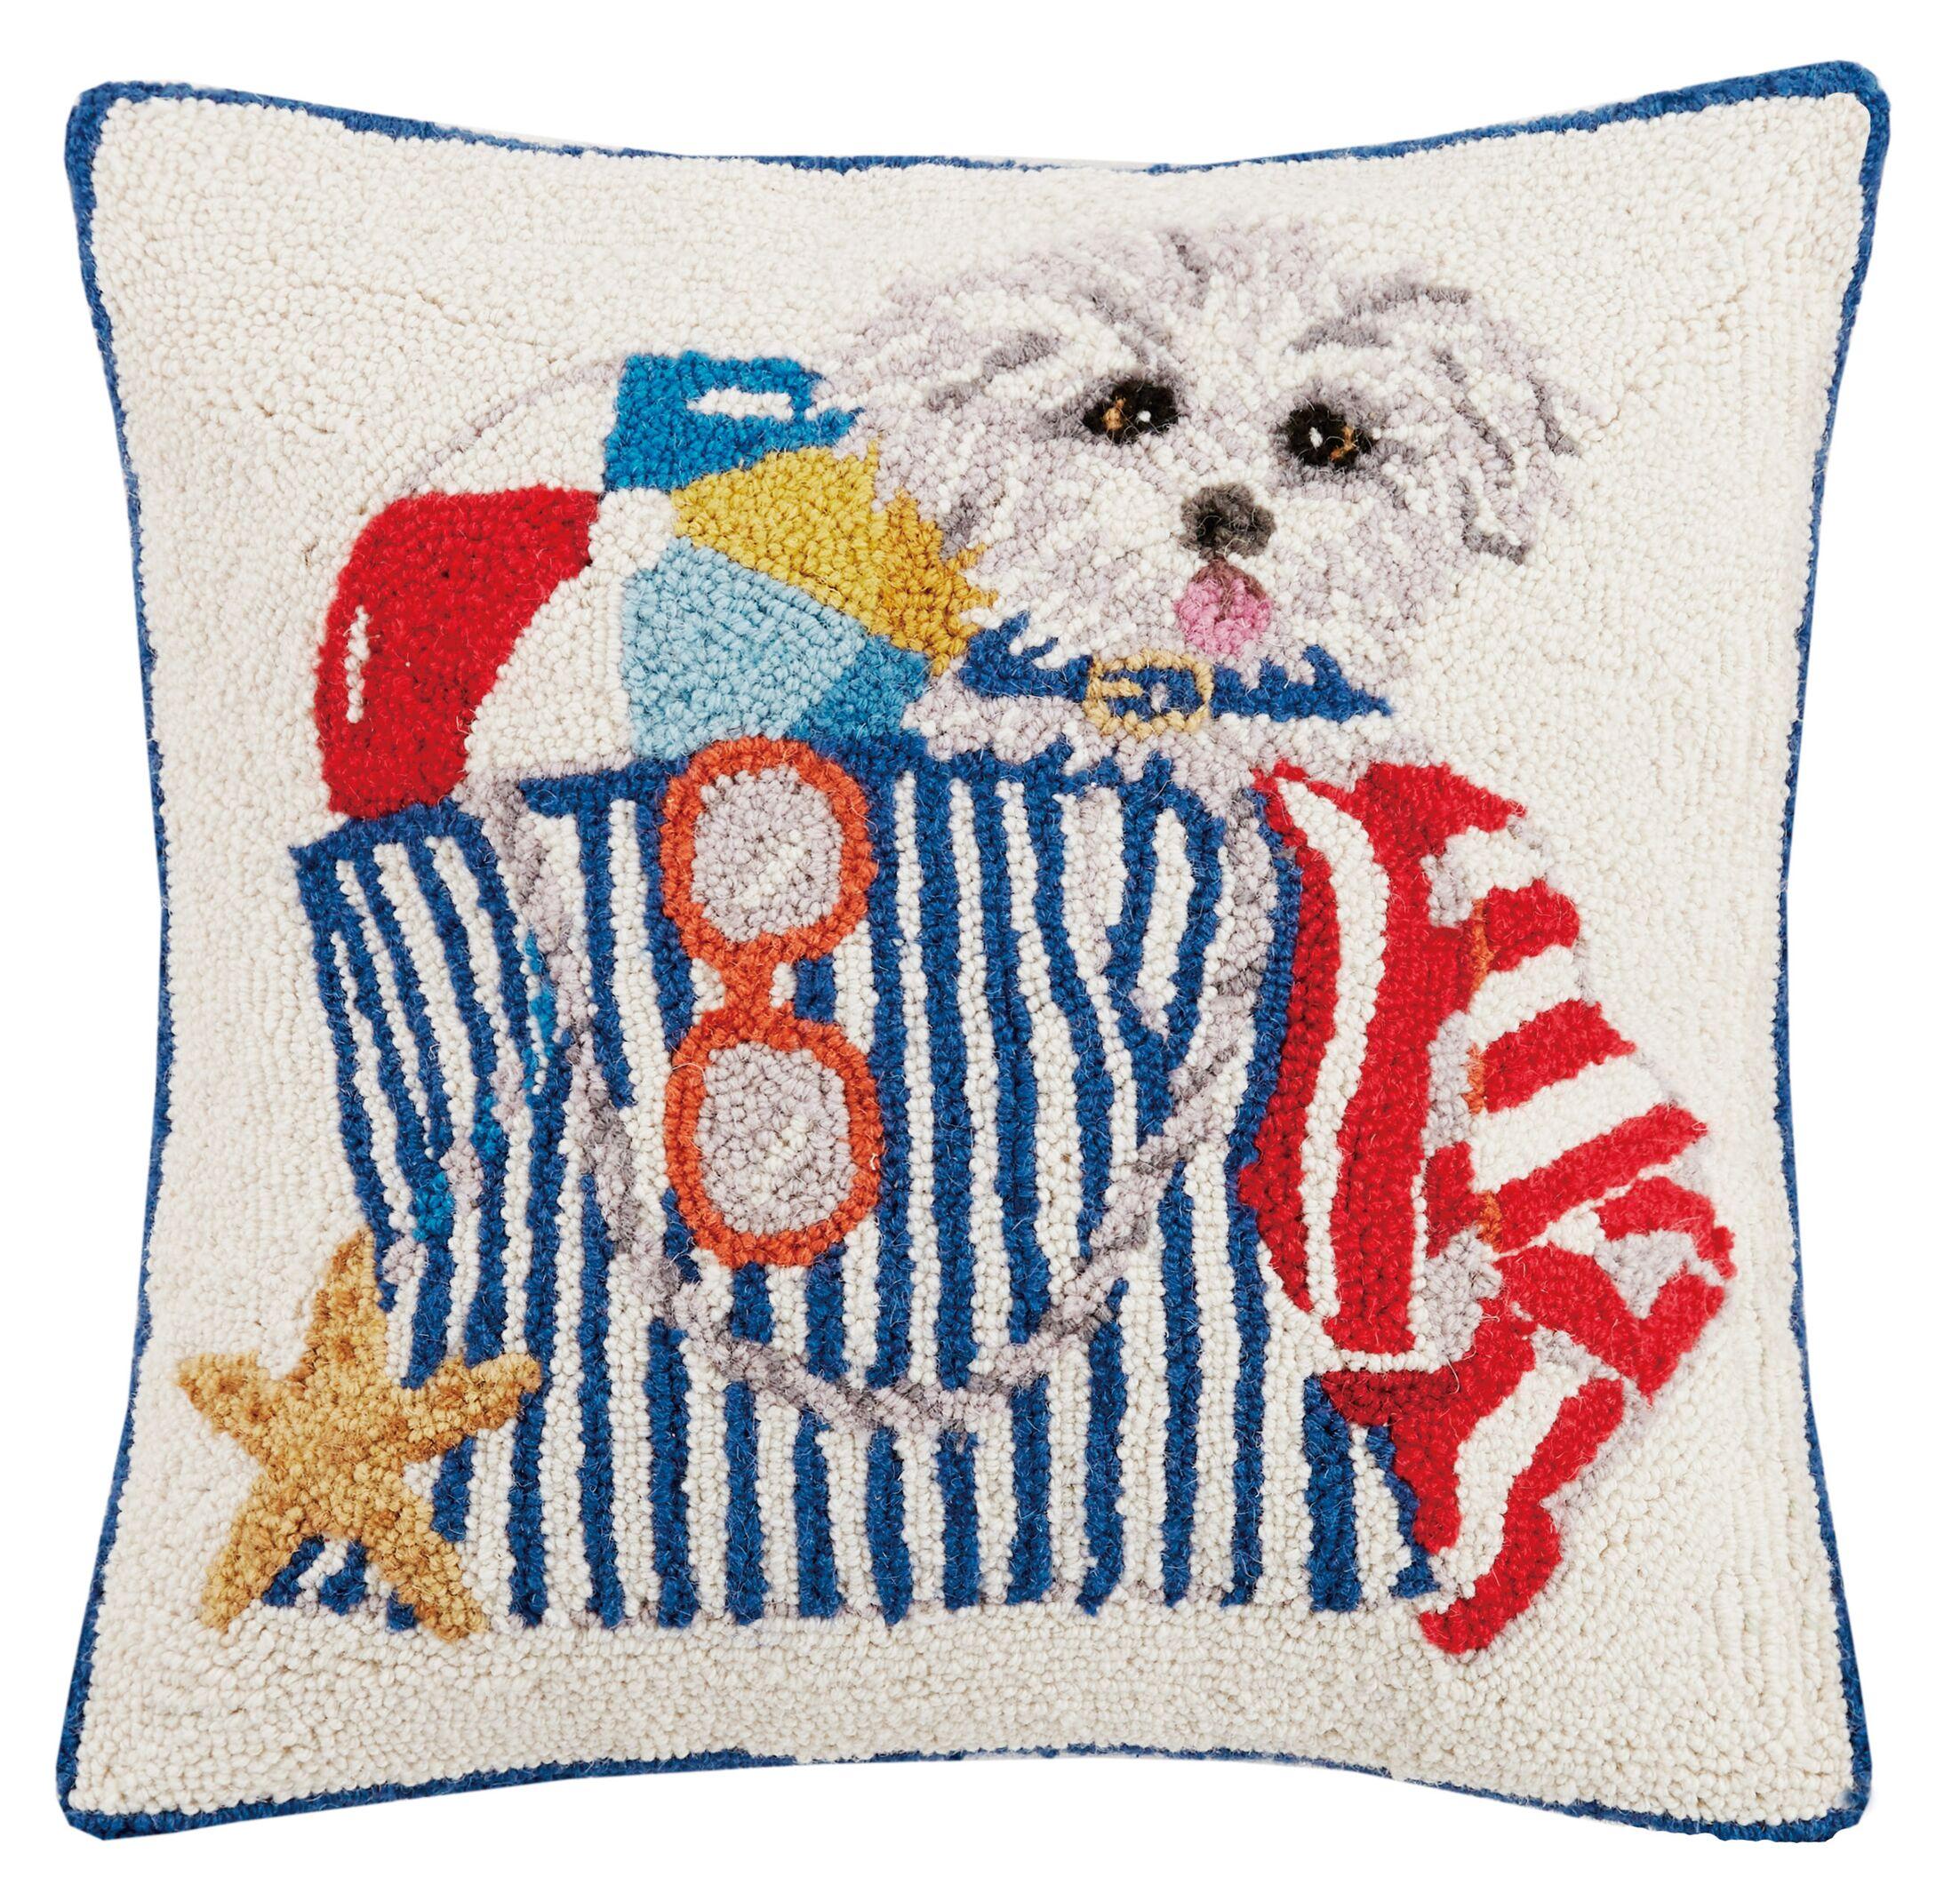 June Puppy Beach Bag Hook Wool Throw Pillow